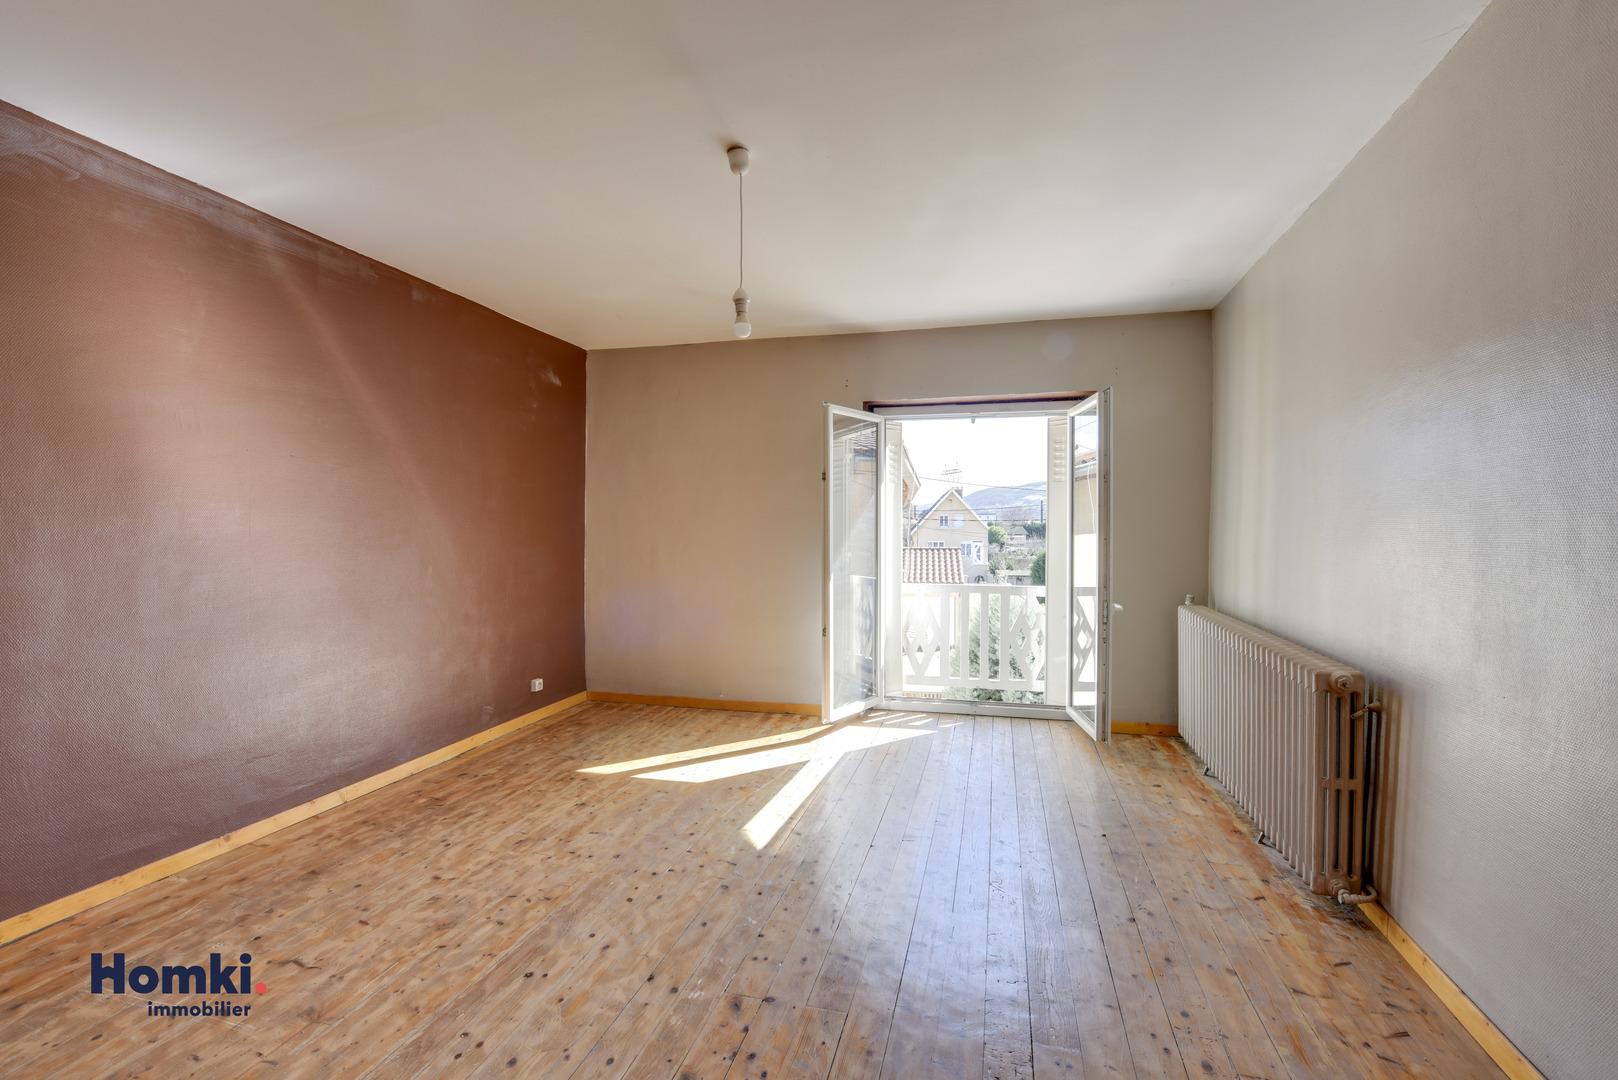 Maison I 113 m² I T4 I 38670 | photo 7